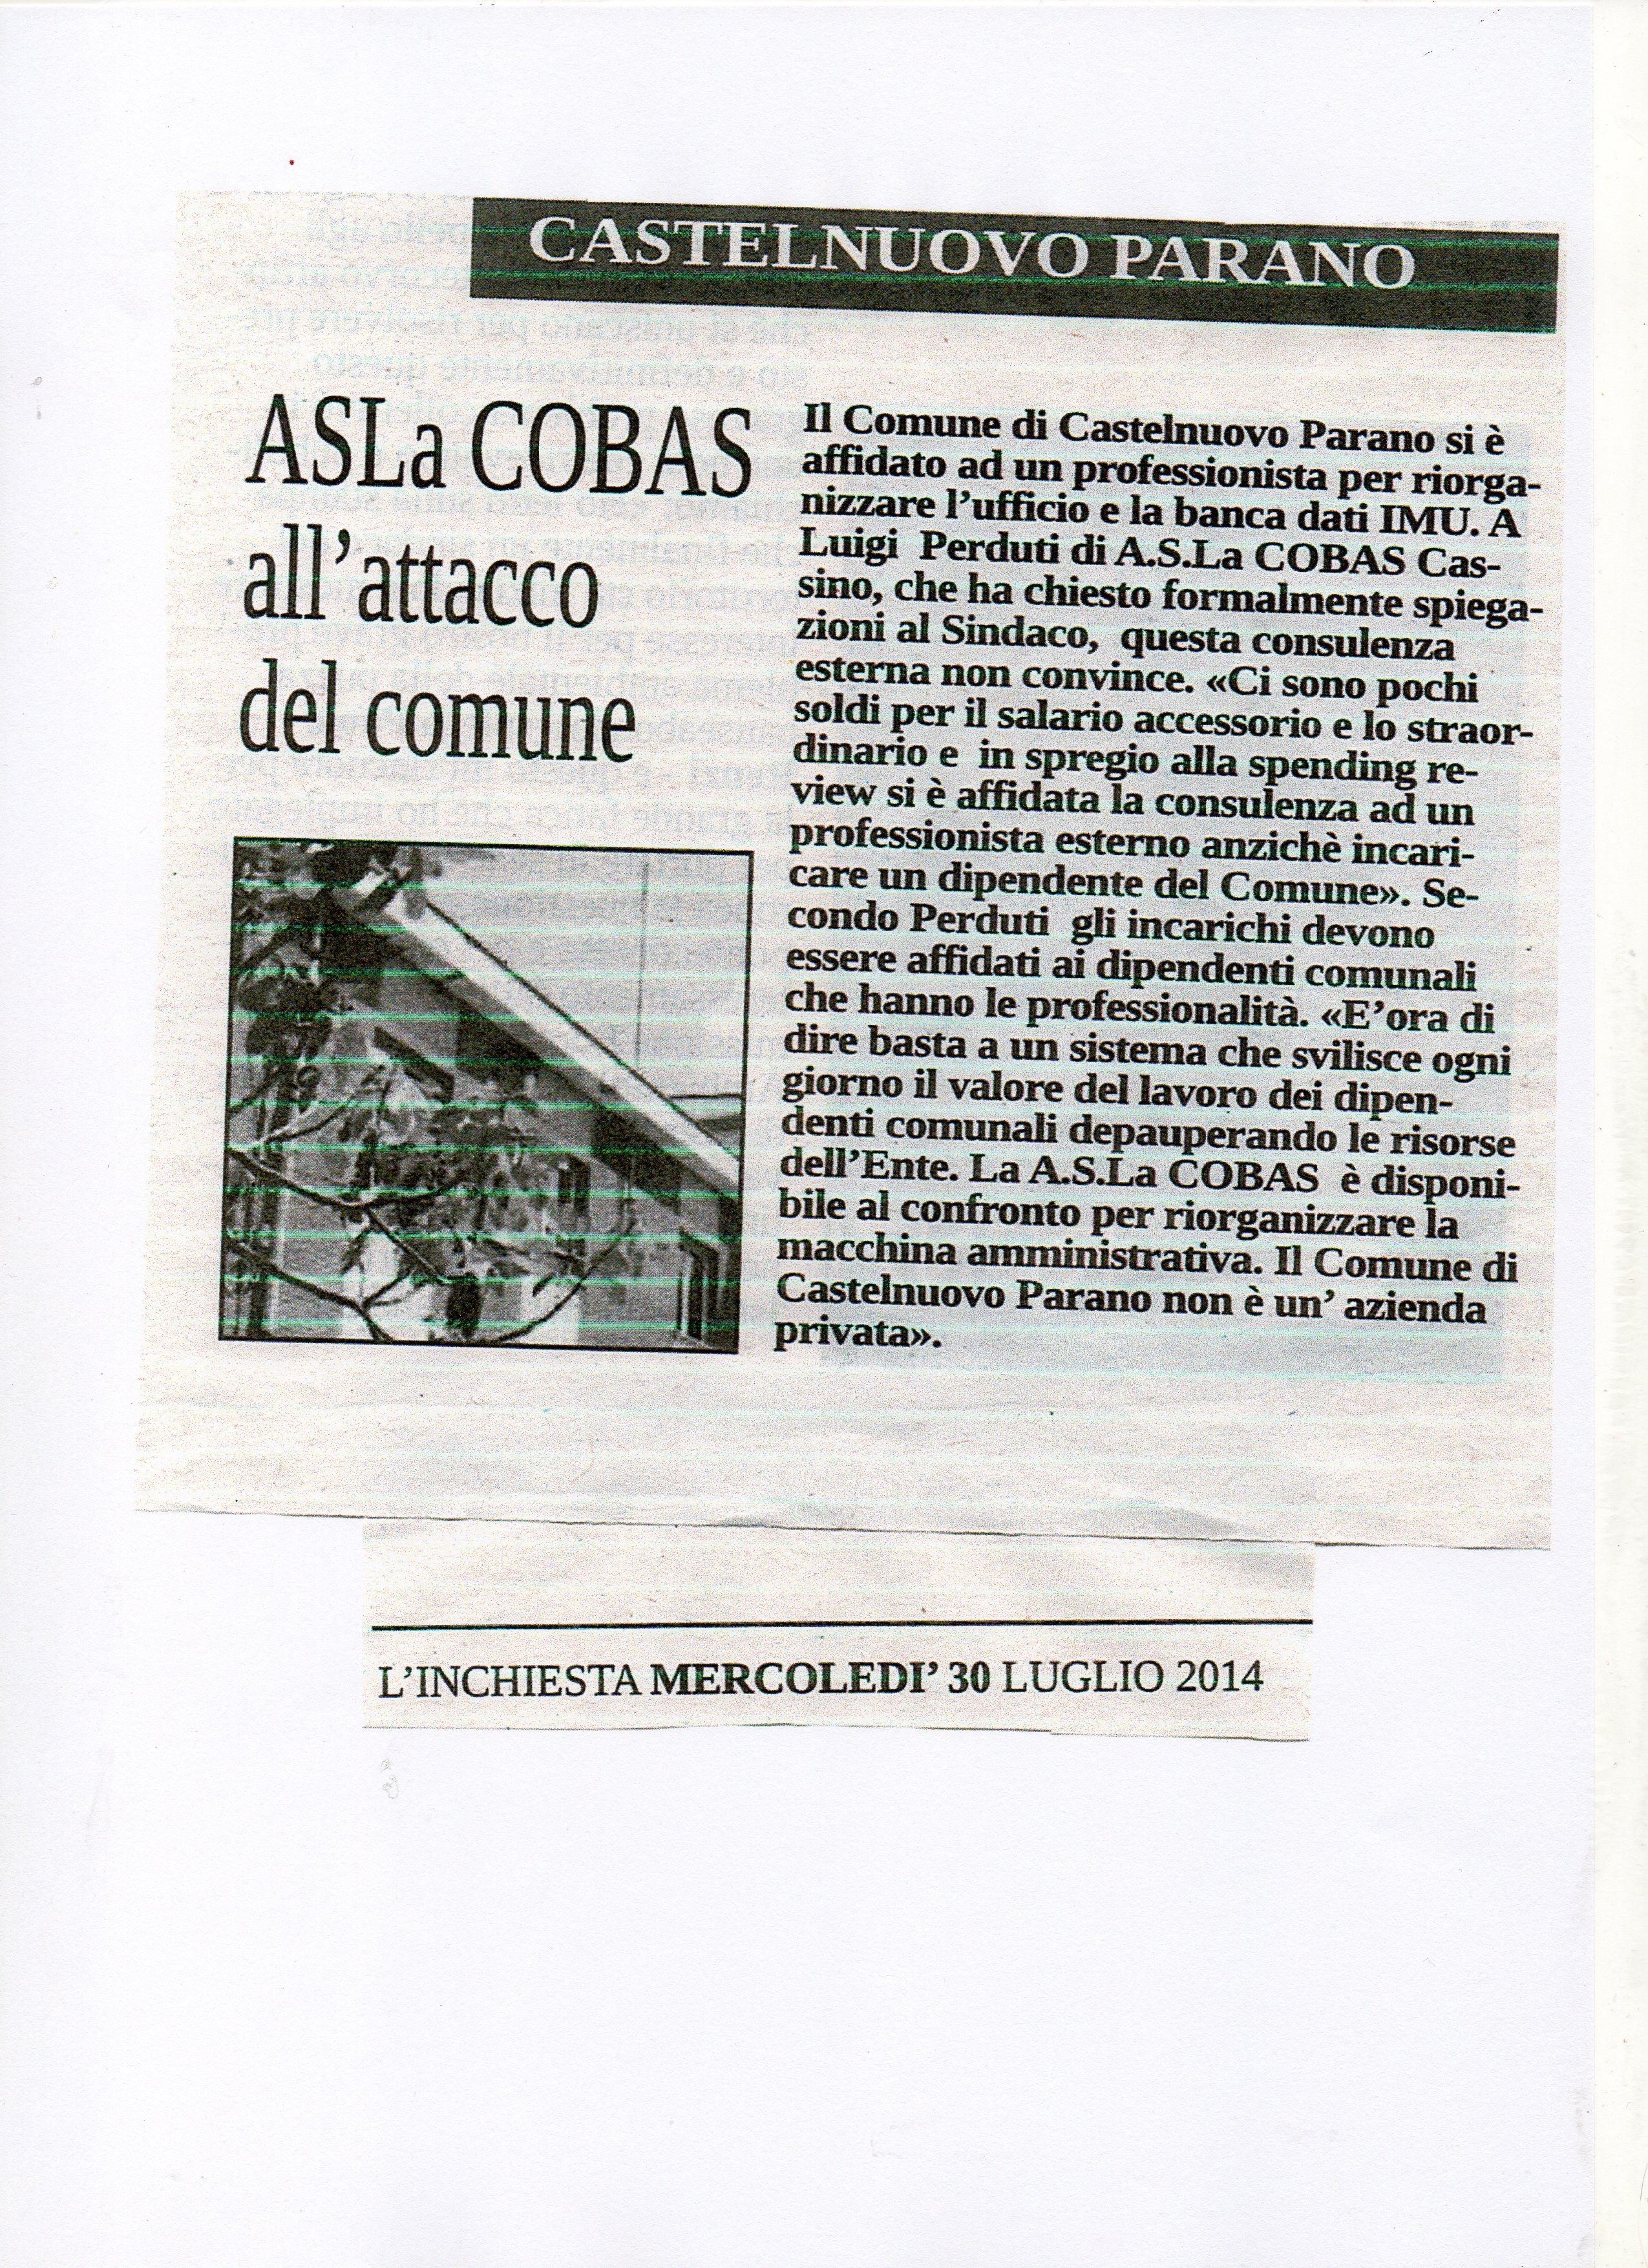 ARTICOLO COMUNE DI CASTELNUOVO DEL 30 LUGLIO 2014002